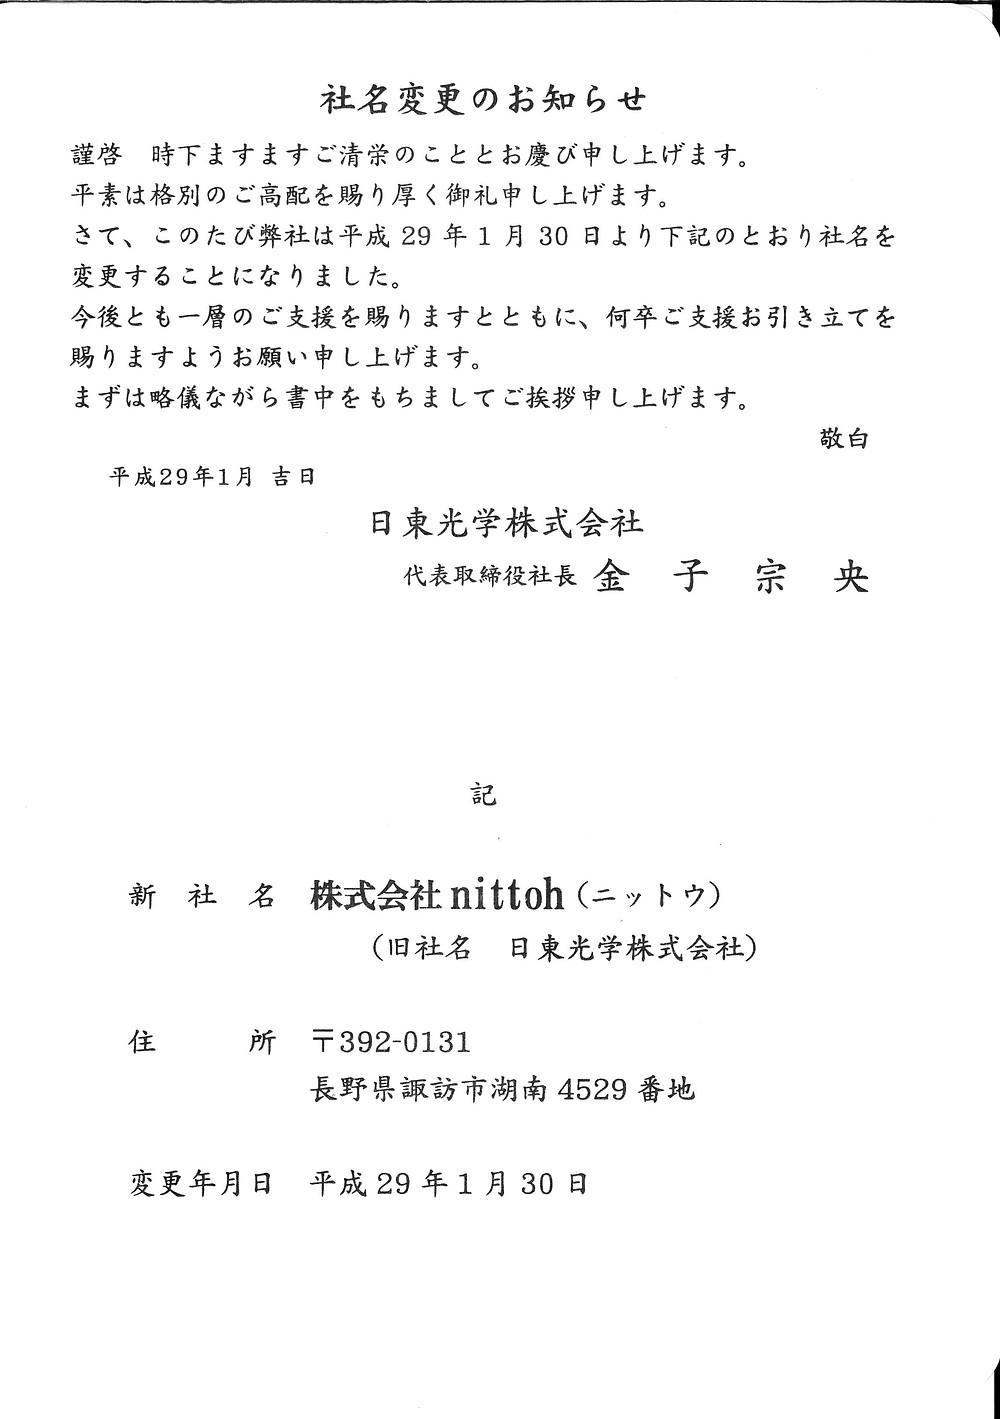 nittoh 社名変更